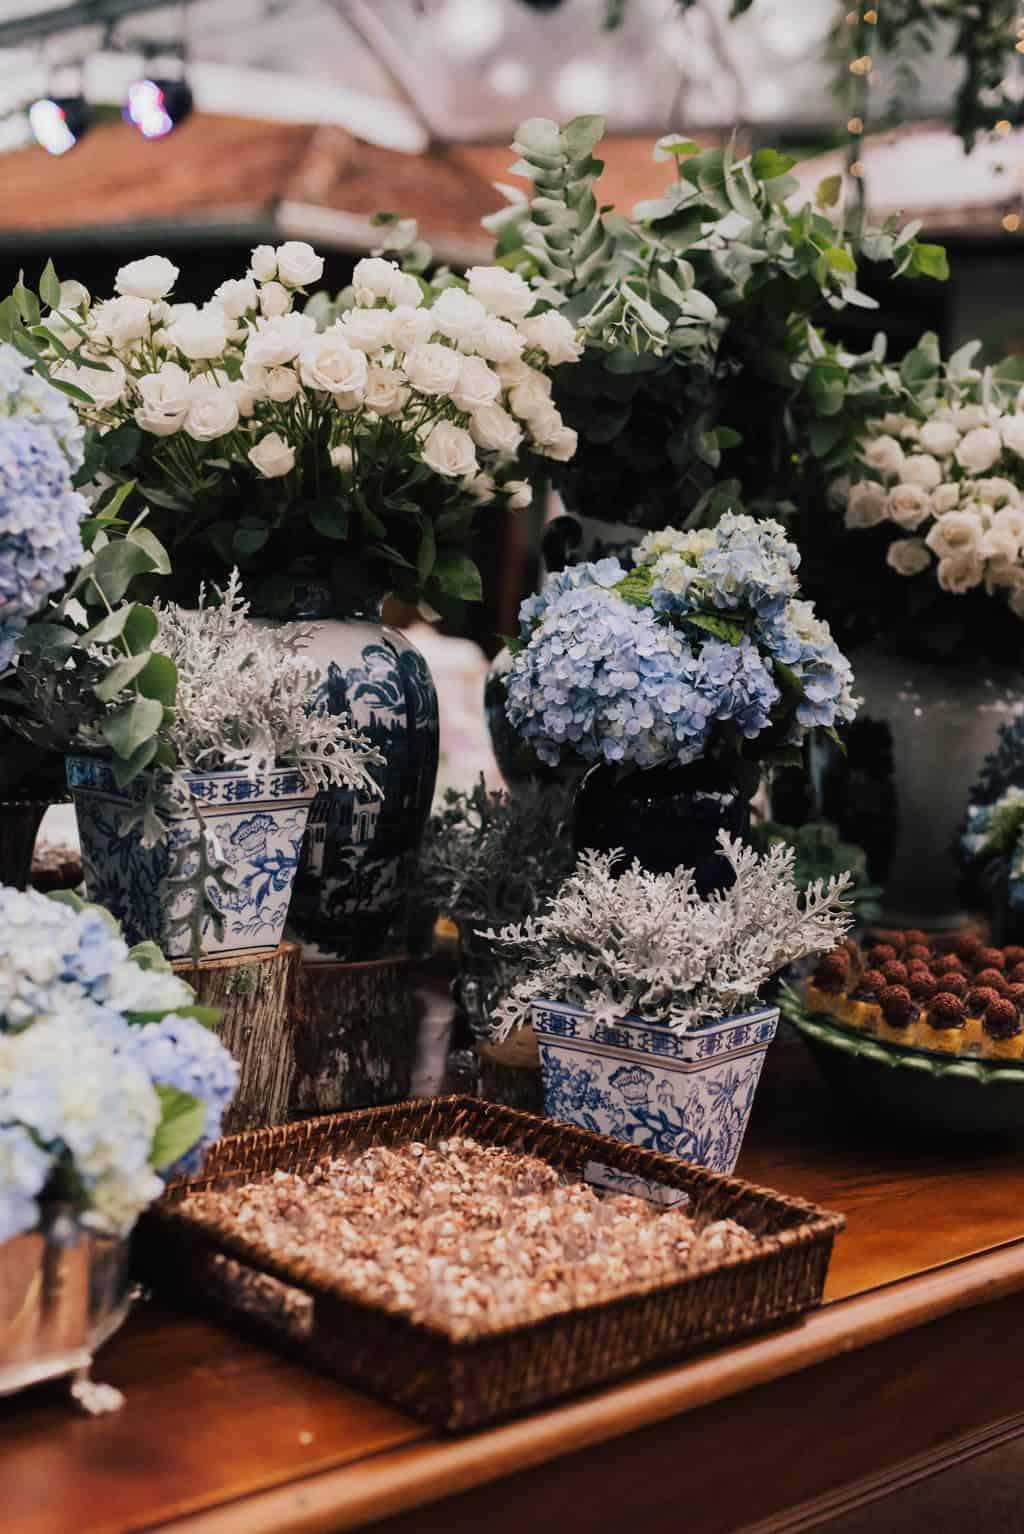 casamento-Maitê-e-Breno-decor-contemporanea-decoracao-branca-com-verde-Fotografia-Mana-Gollo-Hotel-Timbó-Park13